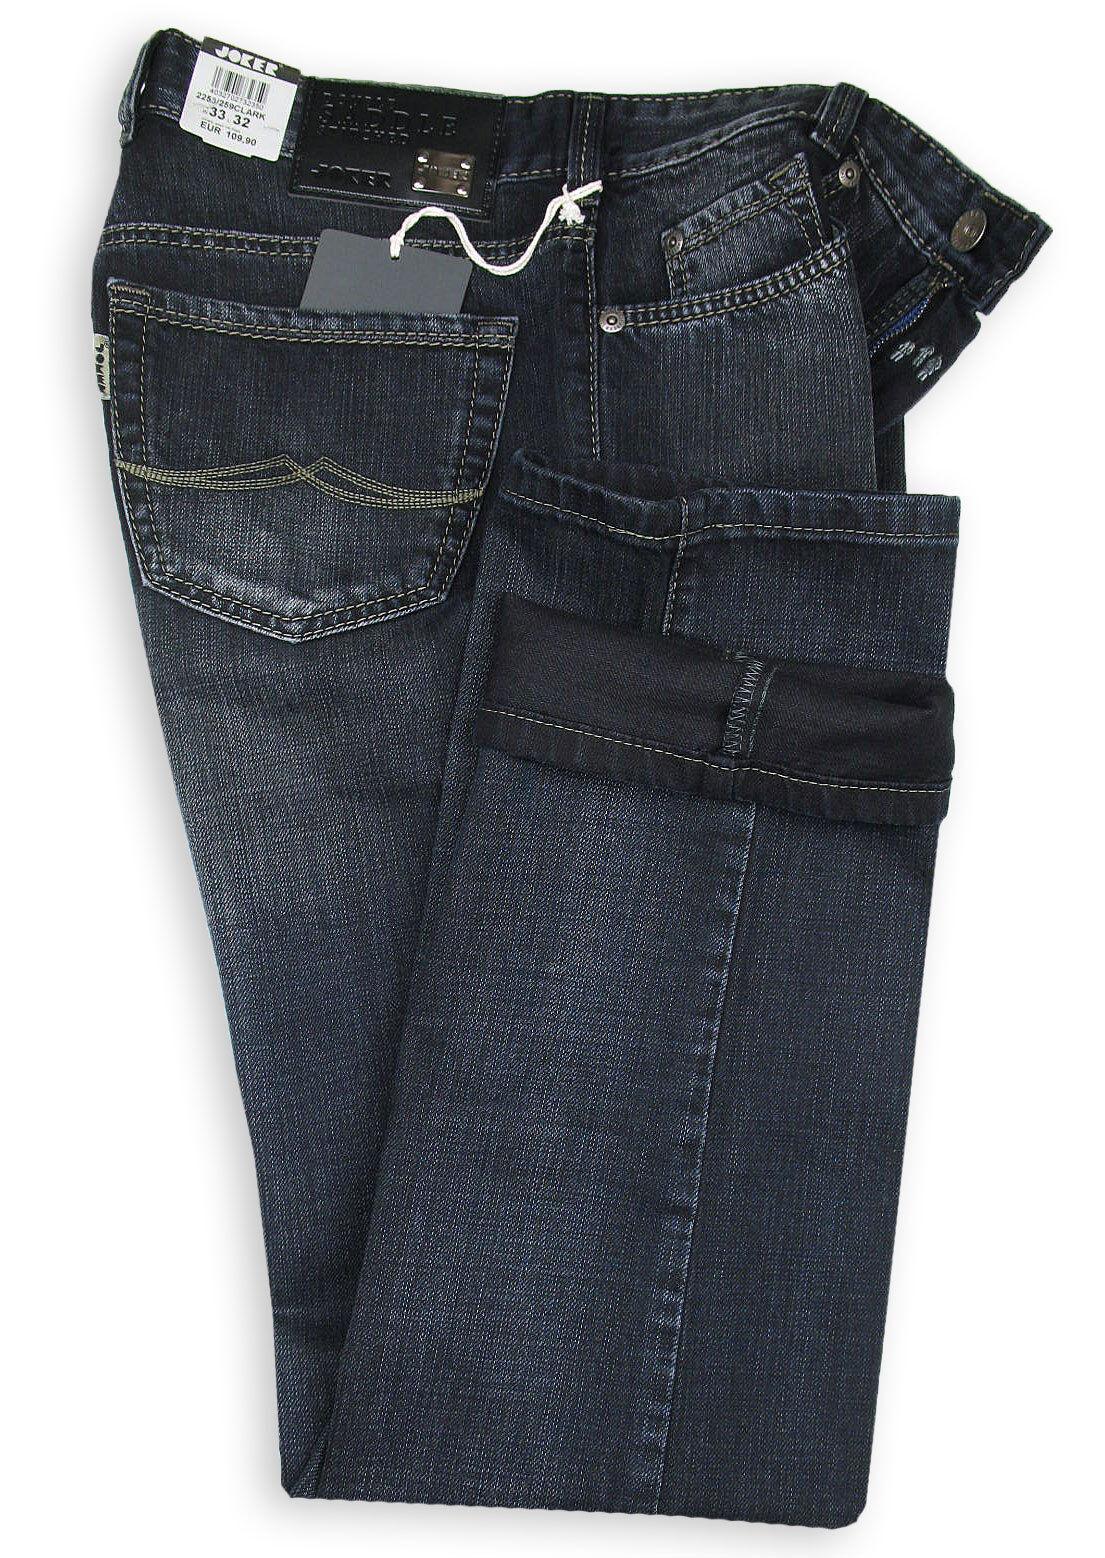 JOKER Jeans   Clark 2253 259 ( Comfort Fit Fit Fit ) schwarz Blau sanded 8f7af8